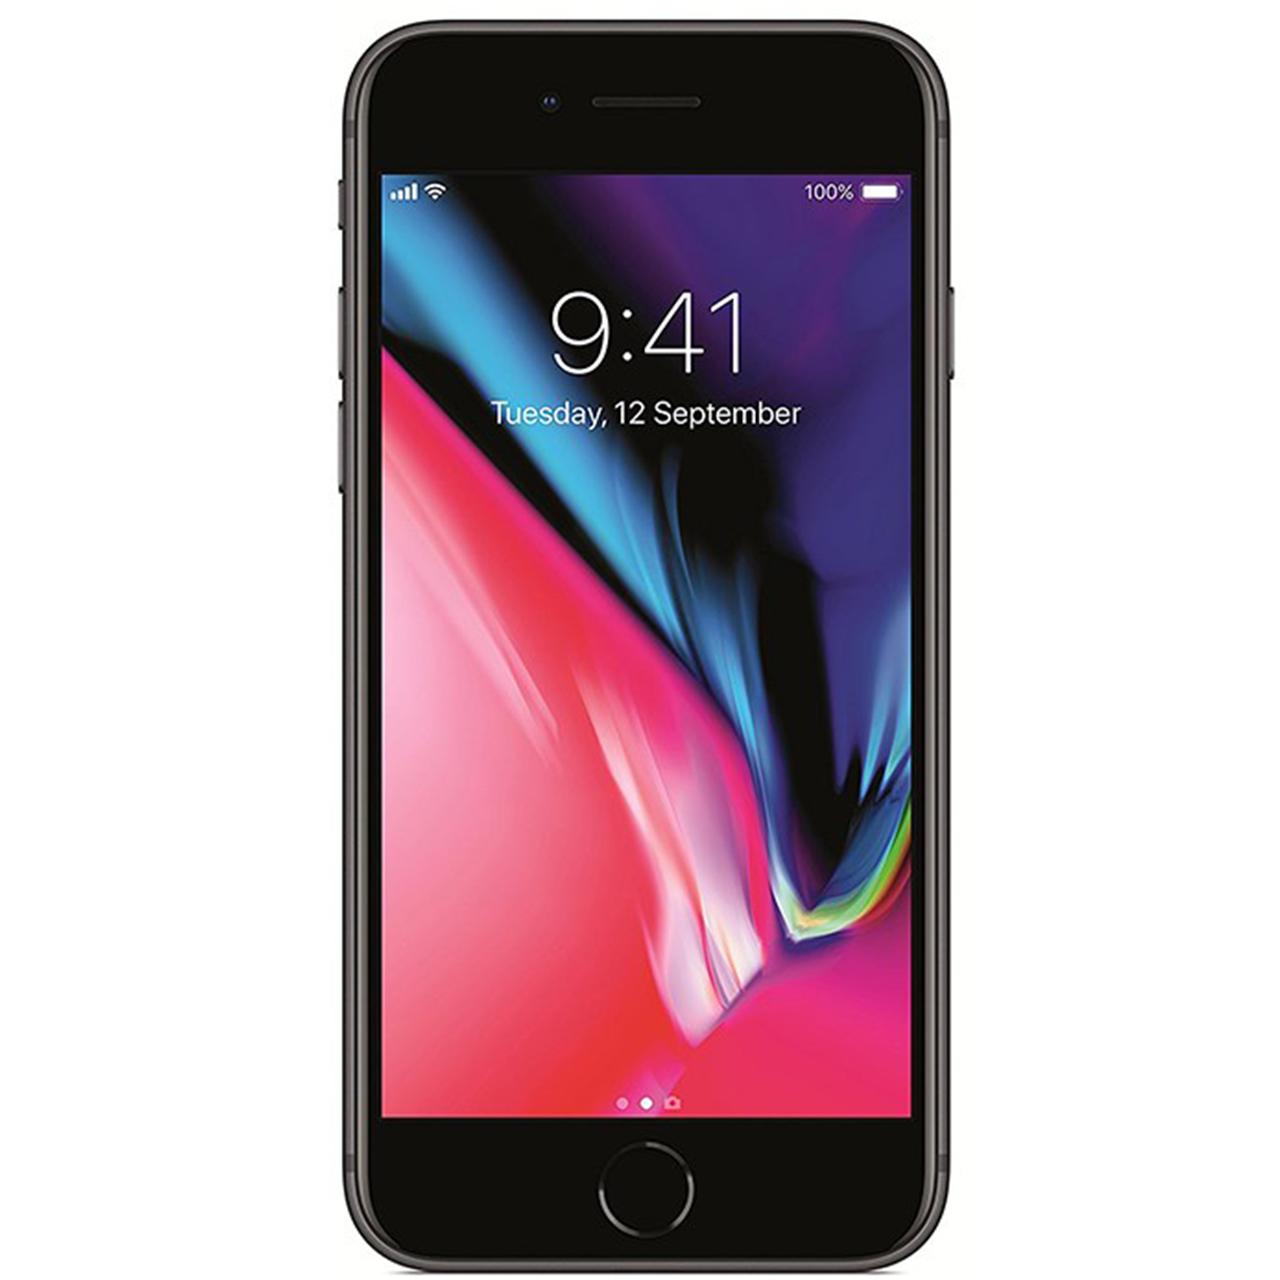 فروش اقساطی گوشی موبایل اپل مدل iPhone 8 Plus ظرفيت 64 گيگابايت